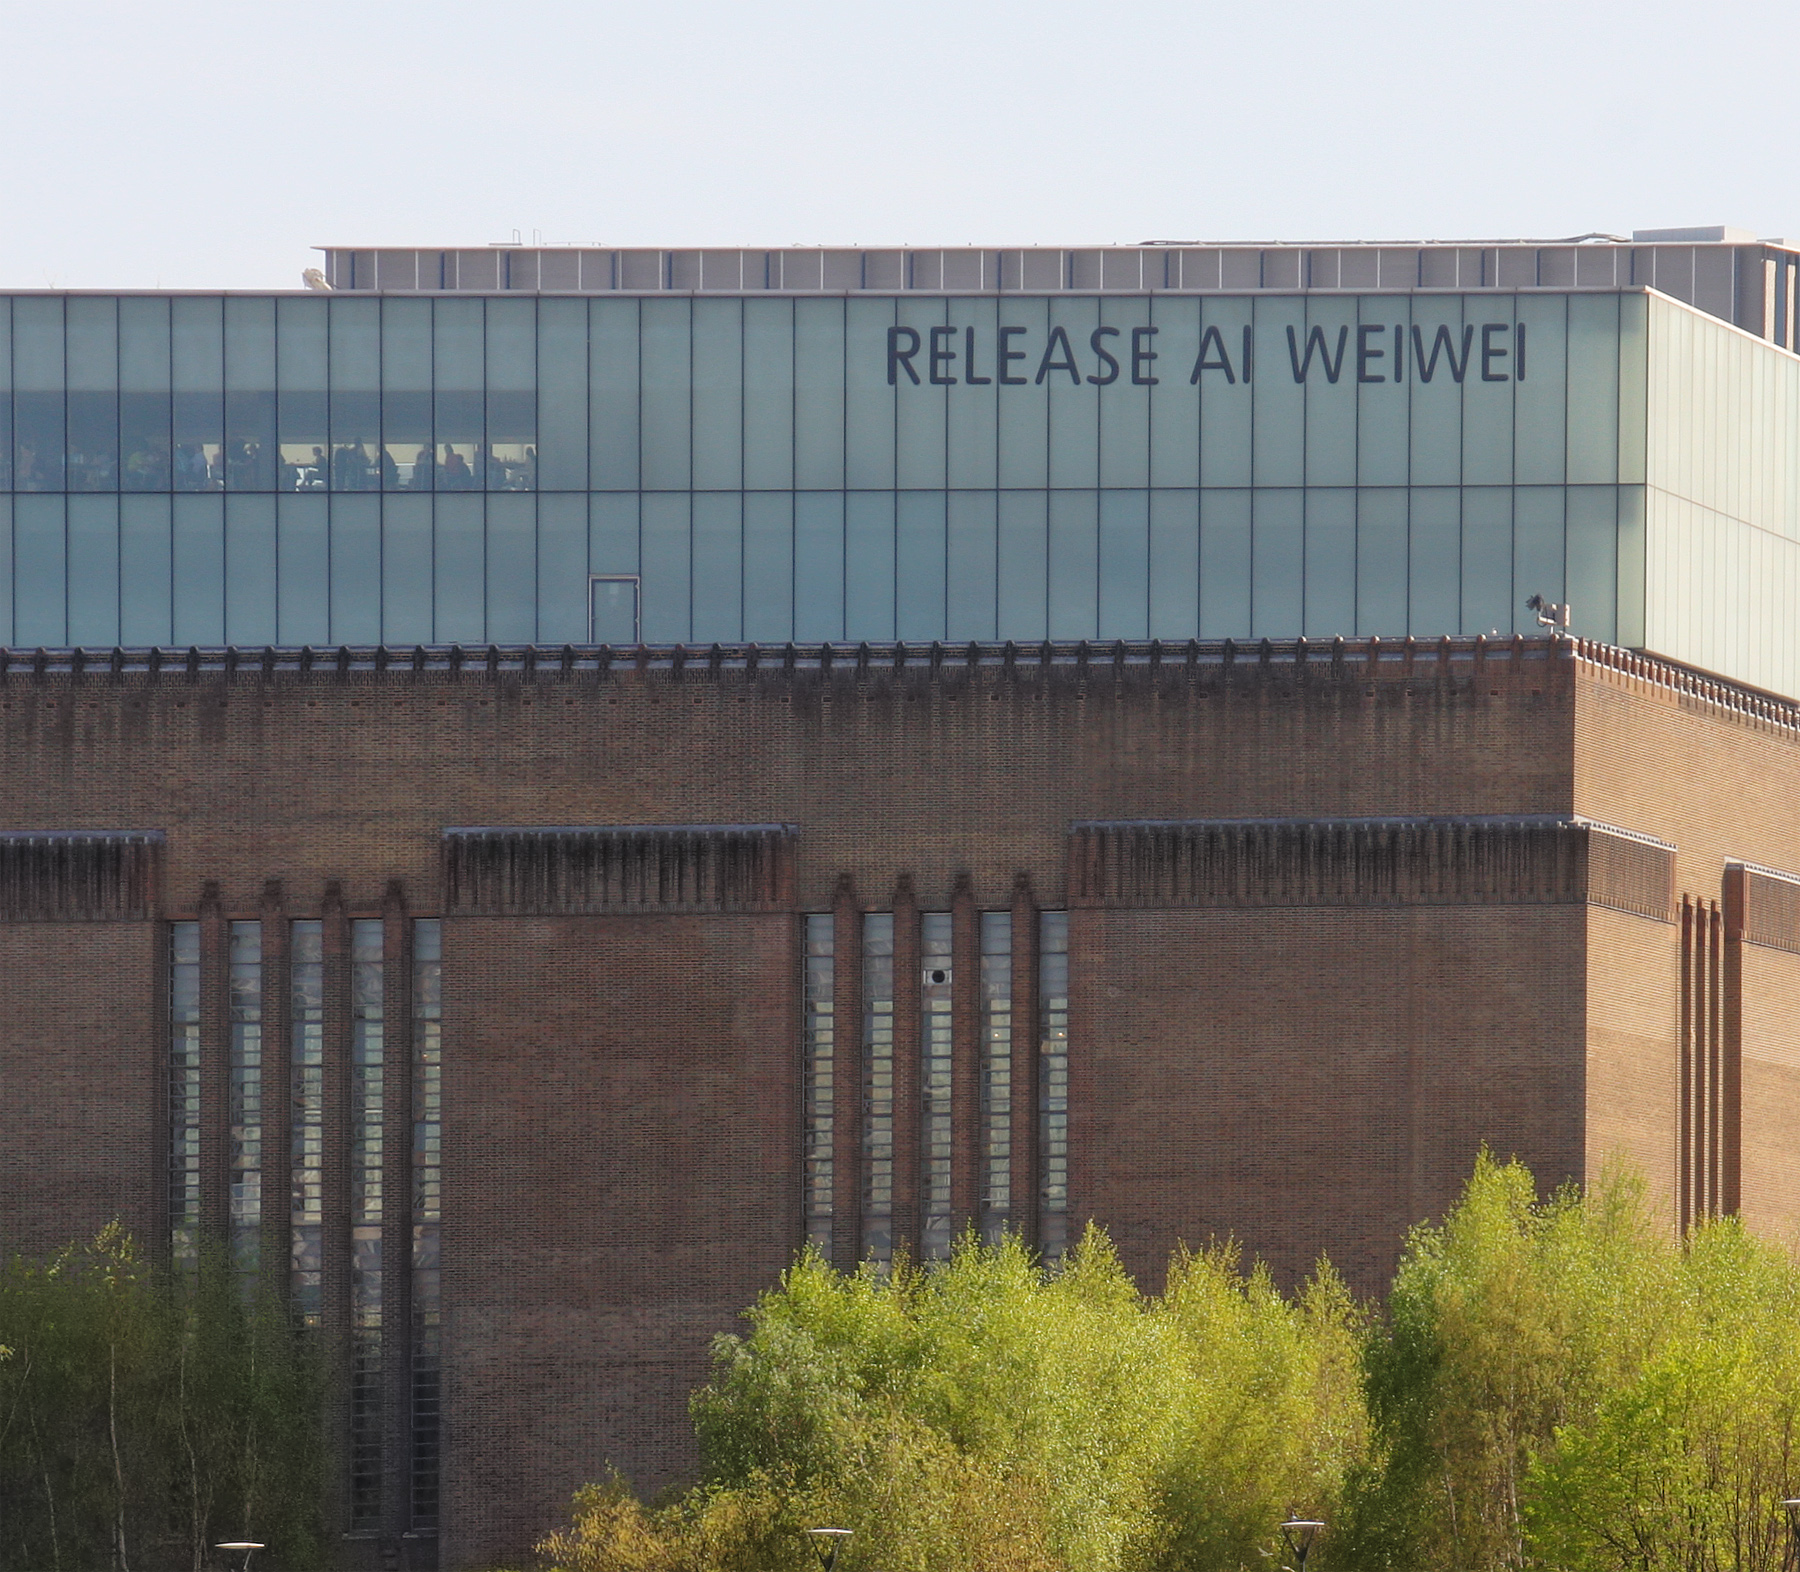 Release Ai Weiwei, (c) Elya CC-BY-SA